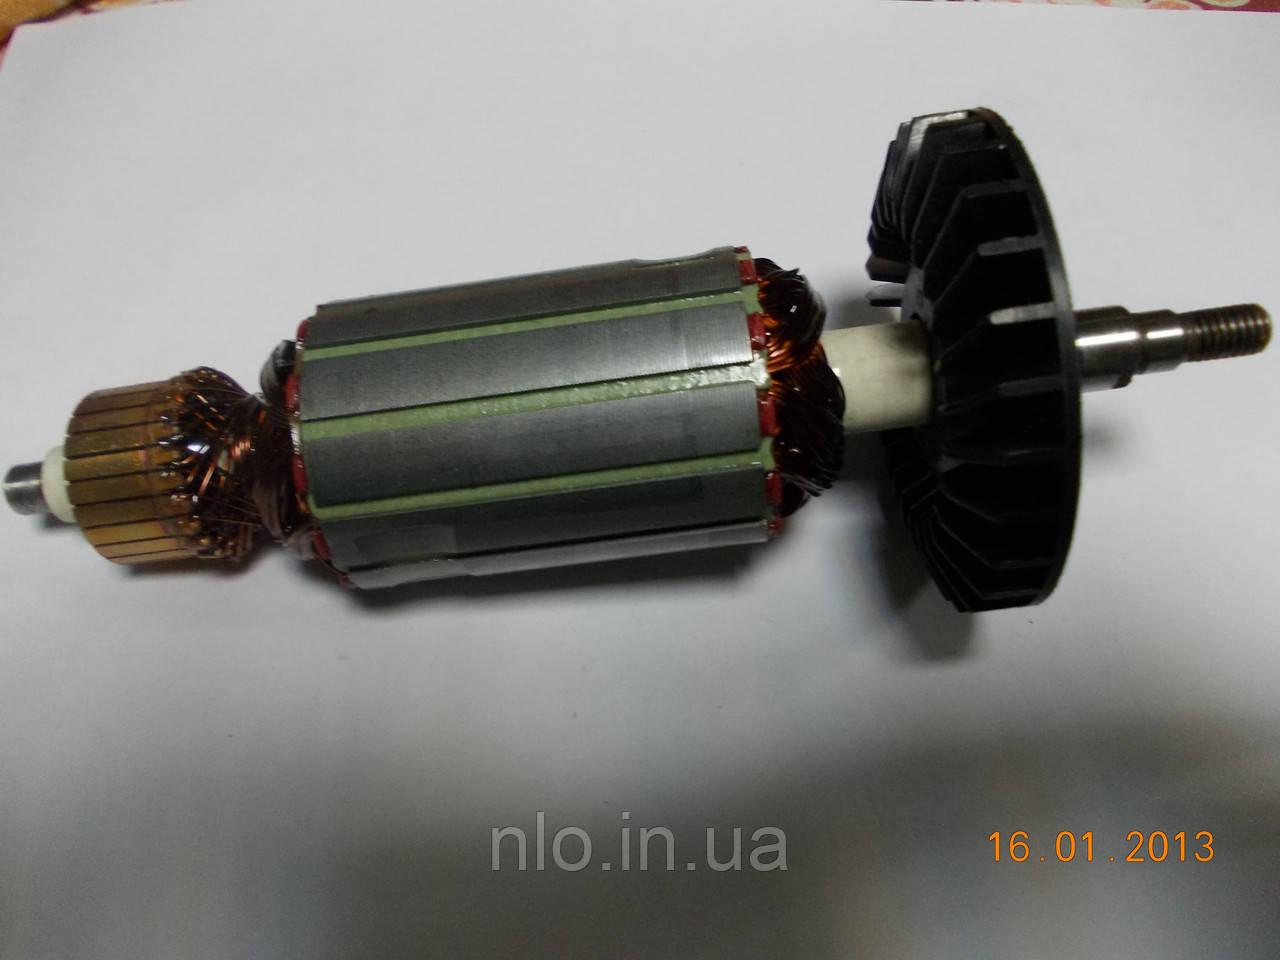 Якорь болгарки 180 SL (186х43, шлиц 9 мм)